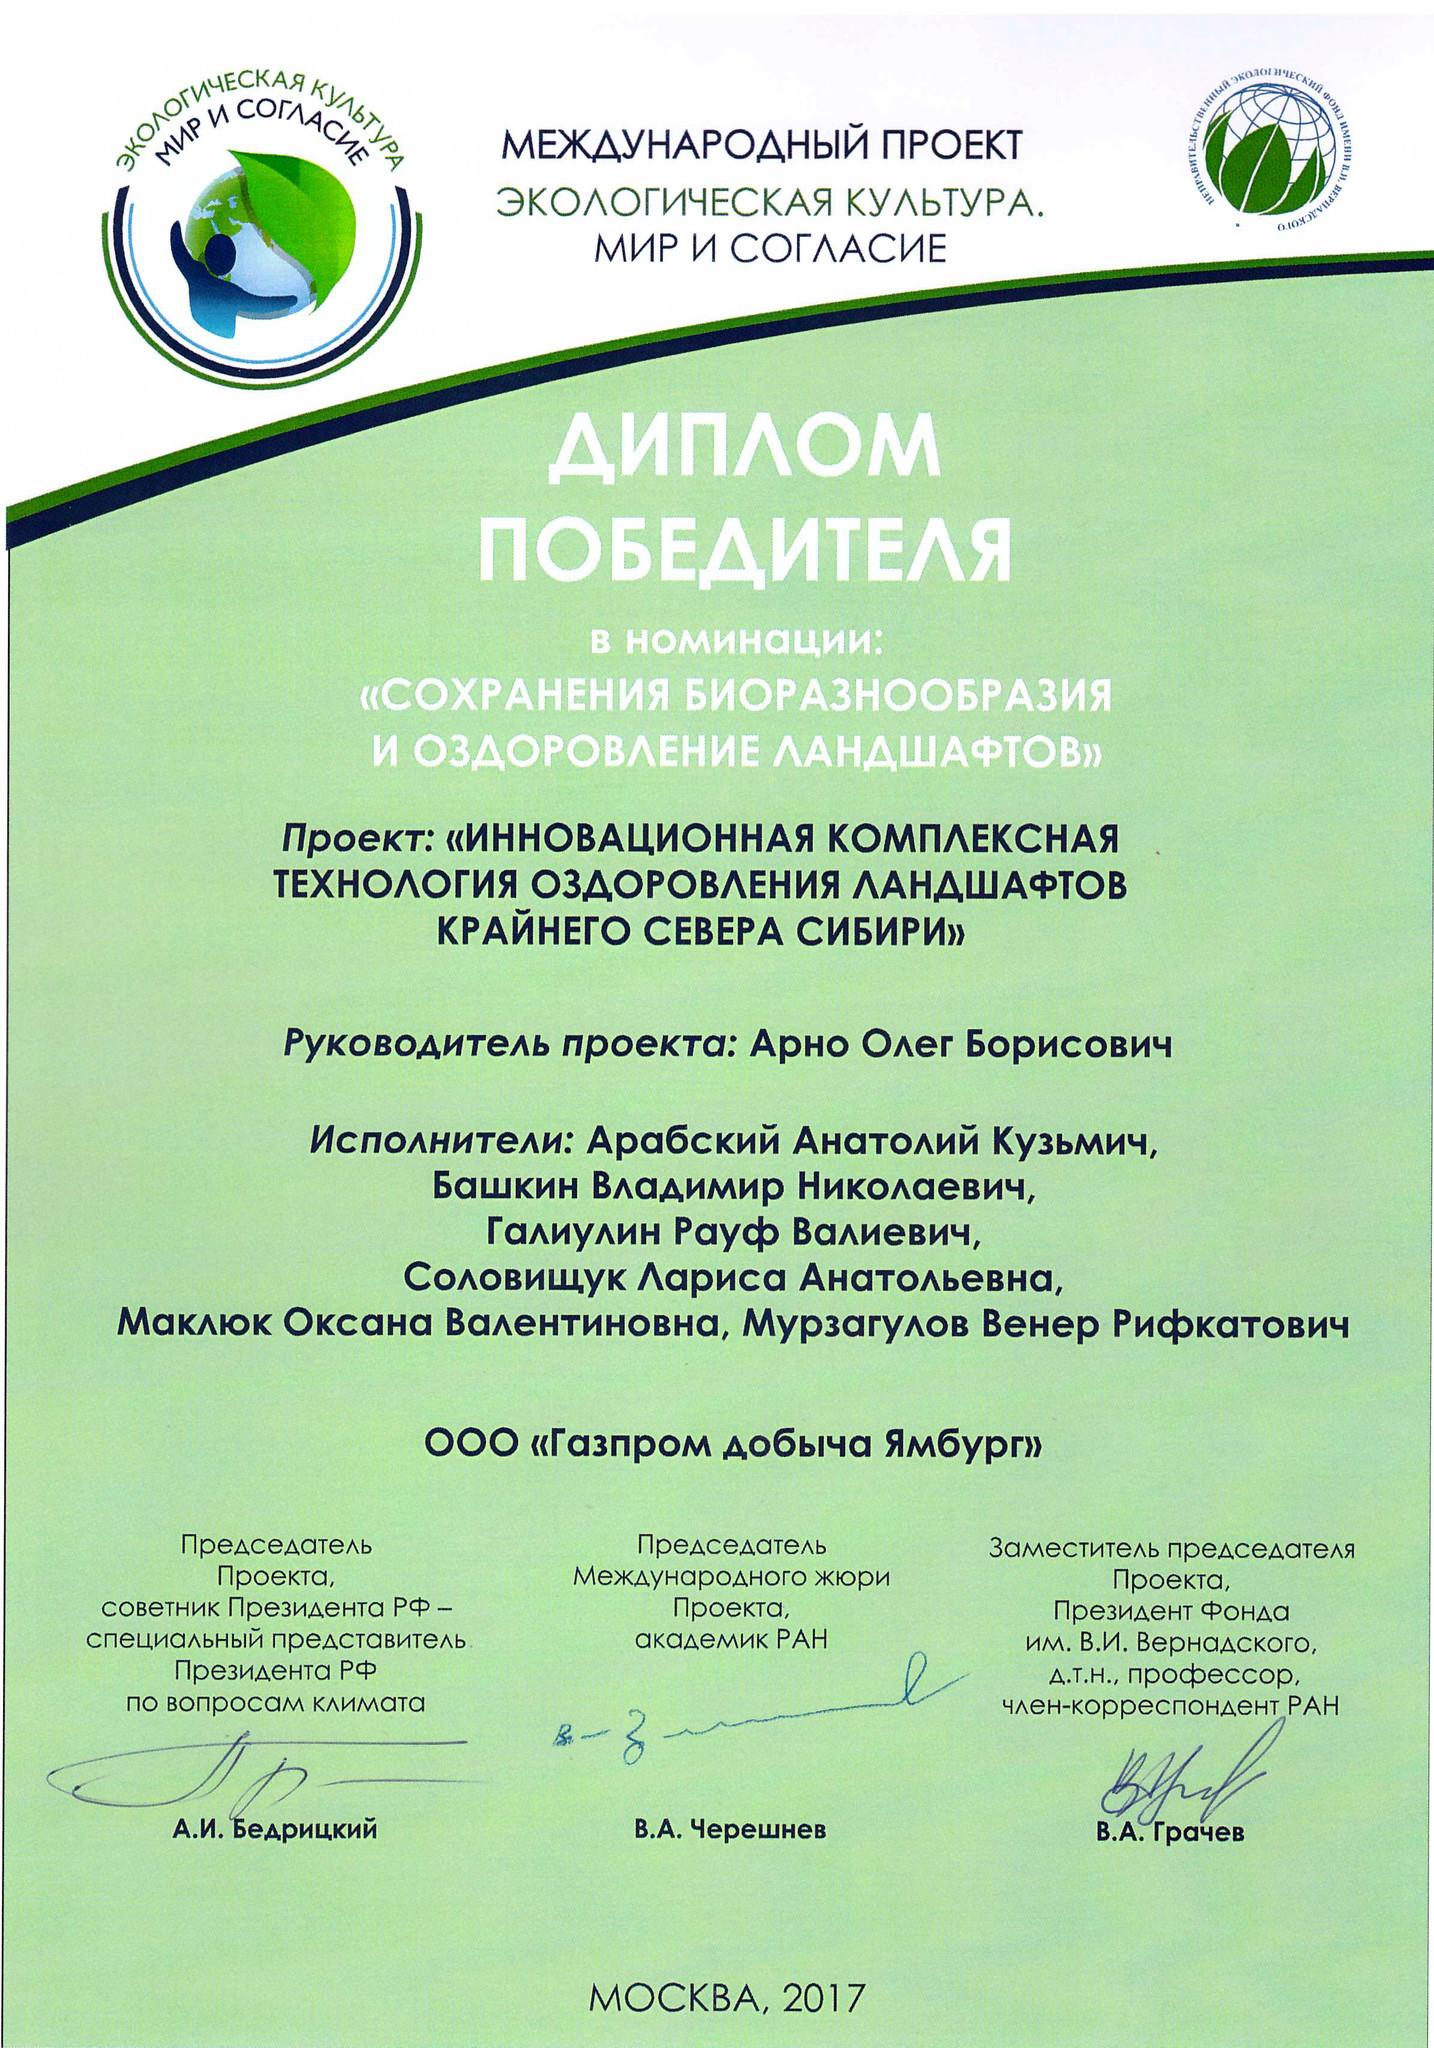 Награды Диплом победителя международного проекта Экологическая культура Мир и согласие